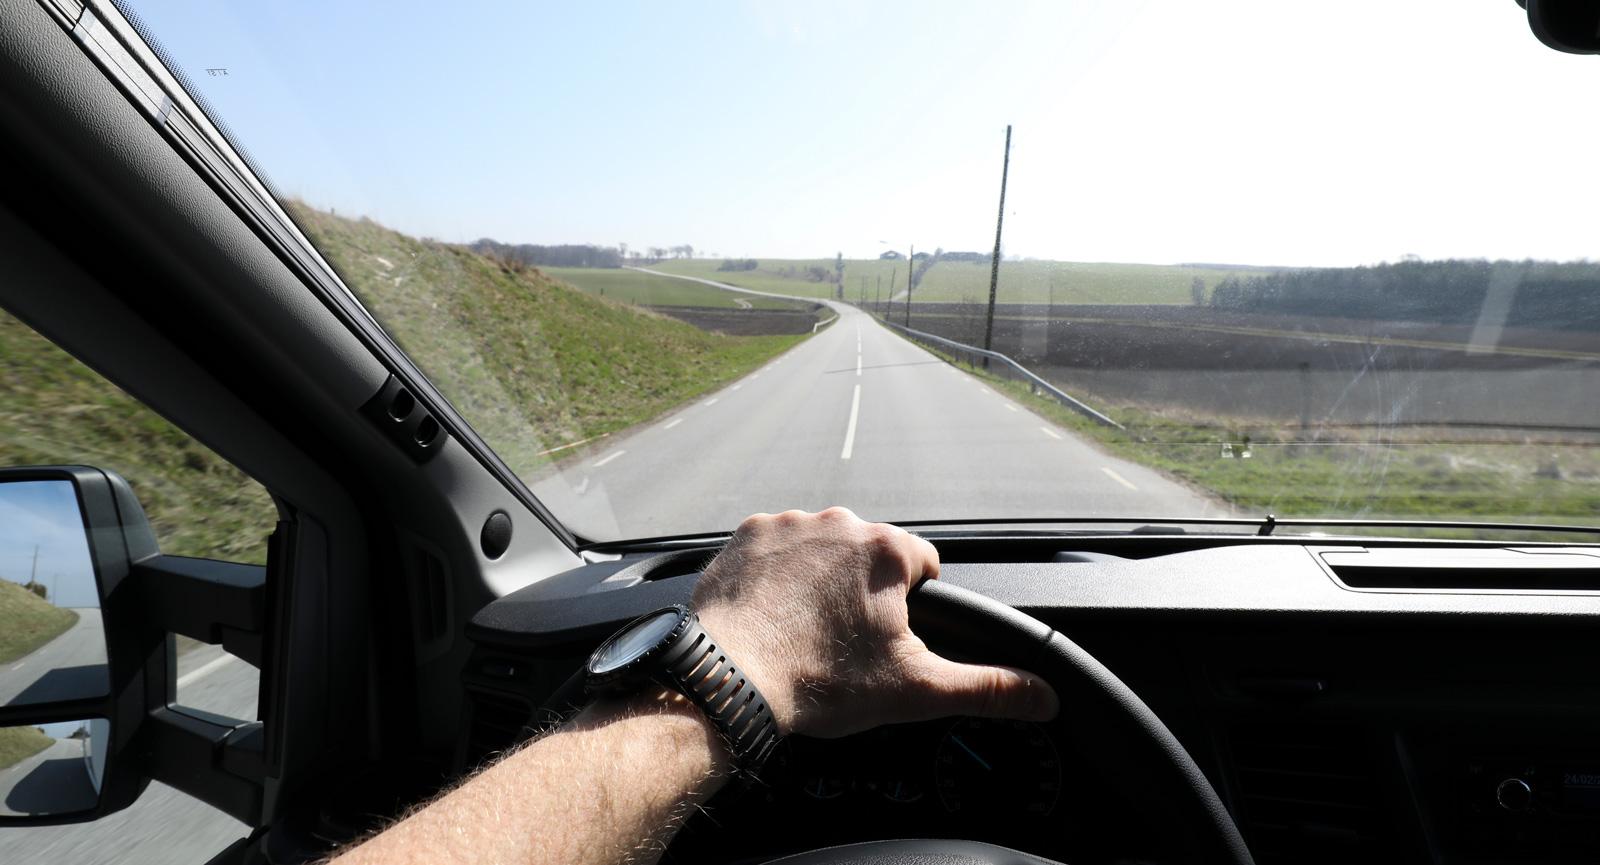 Bilen ligger stabilt på vägen och sikten är god.